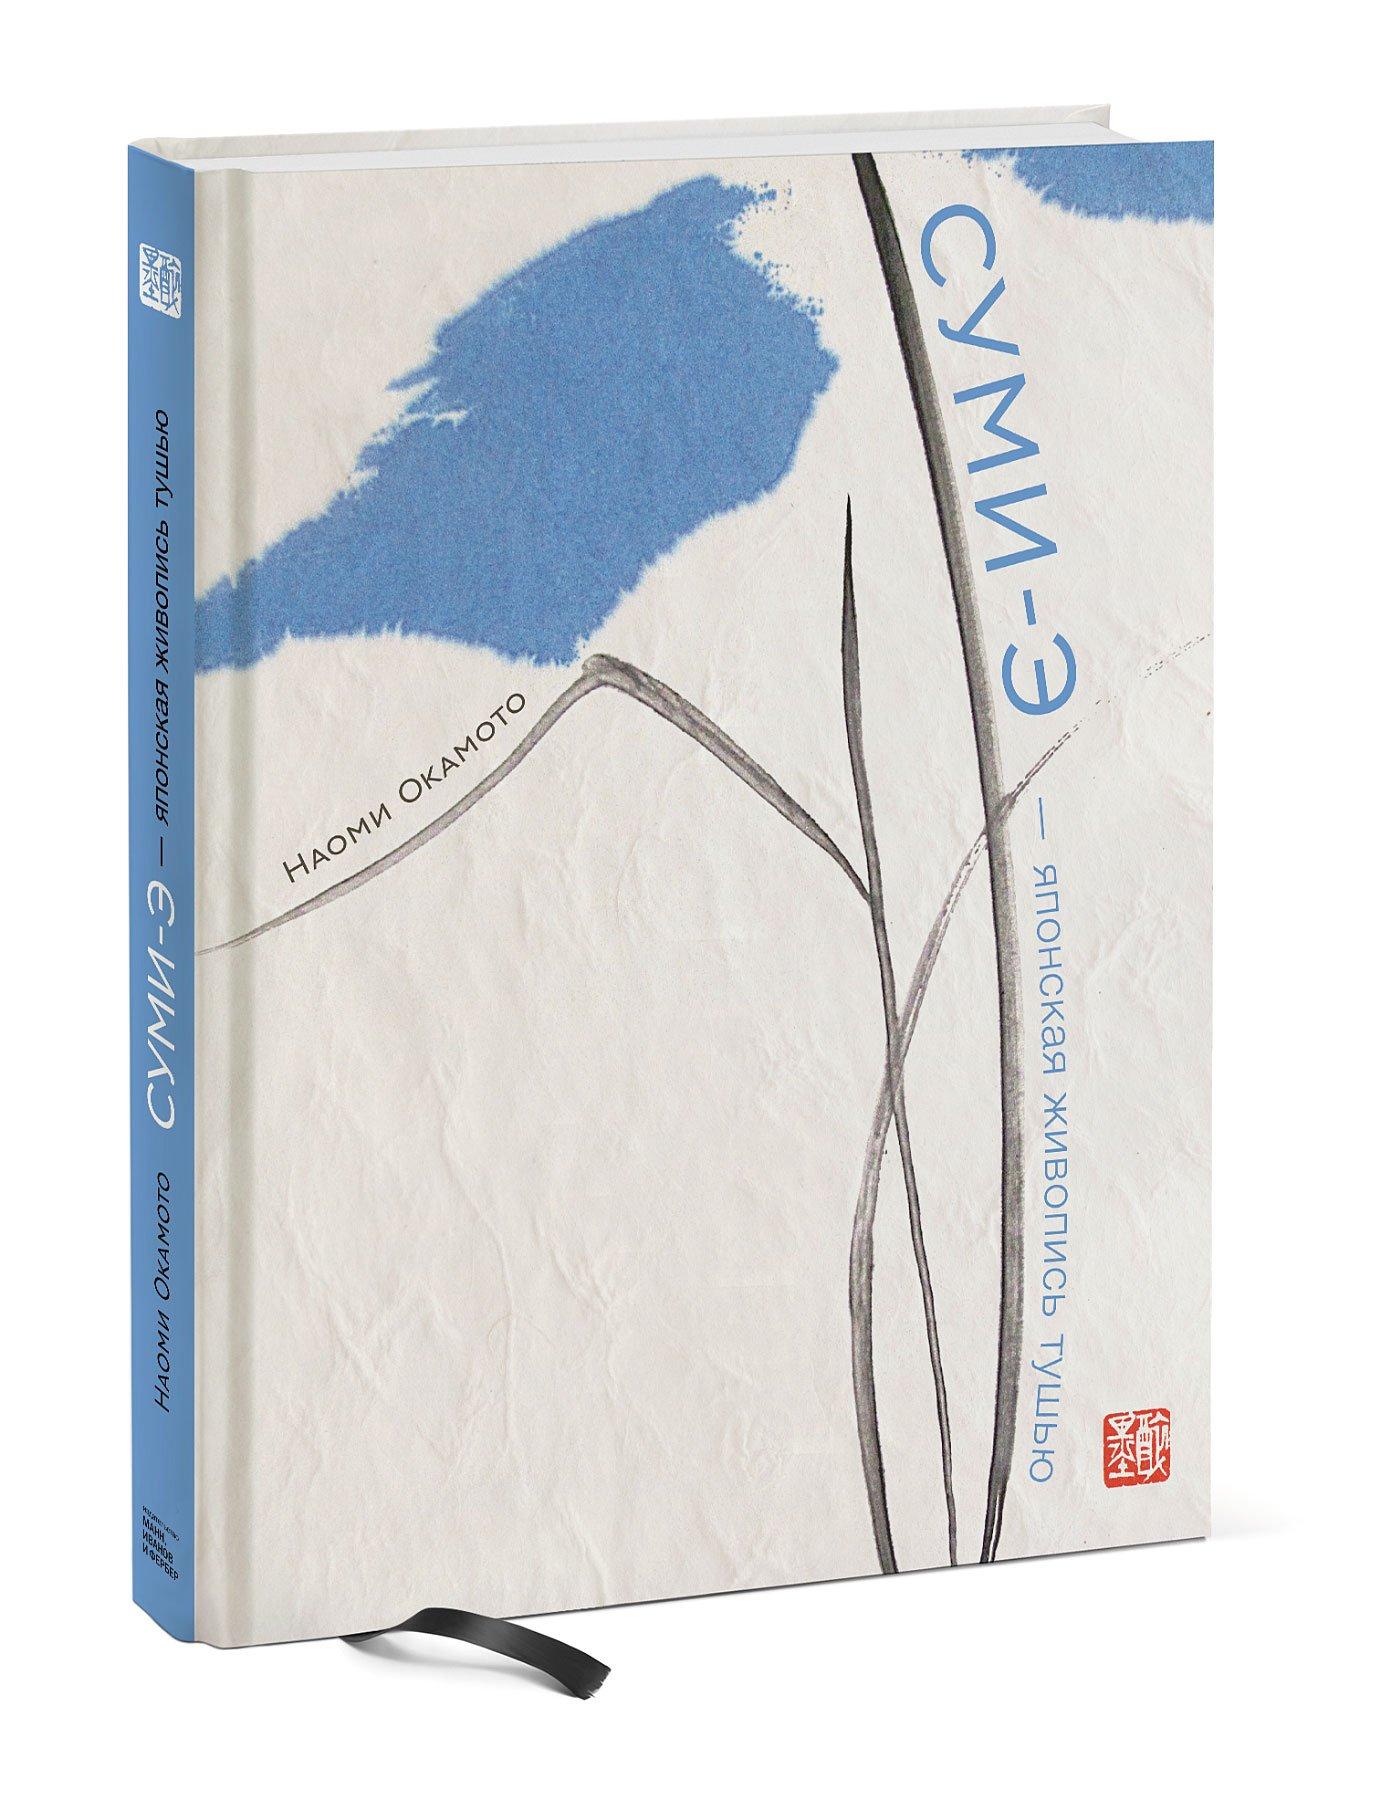 Суми-э — японская живопись тушью ( Наоми Окамото  )